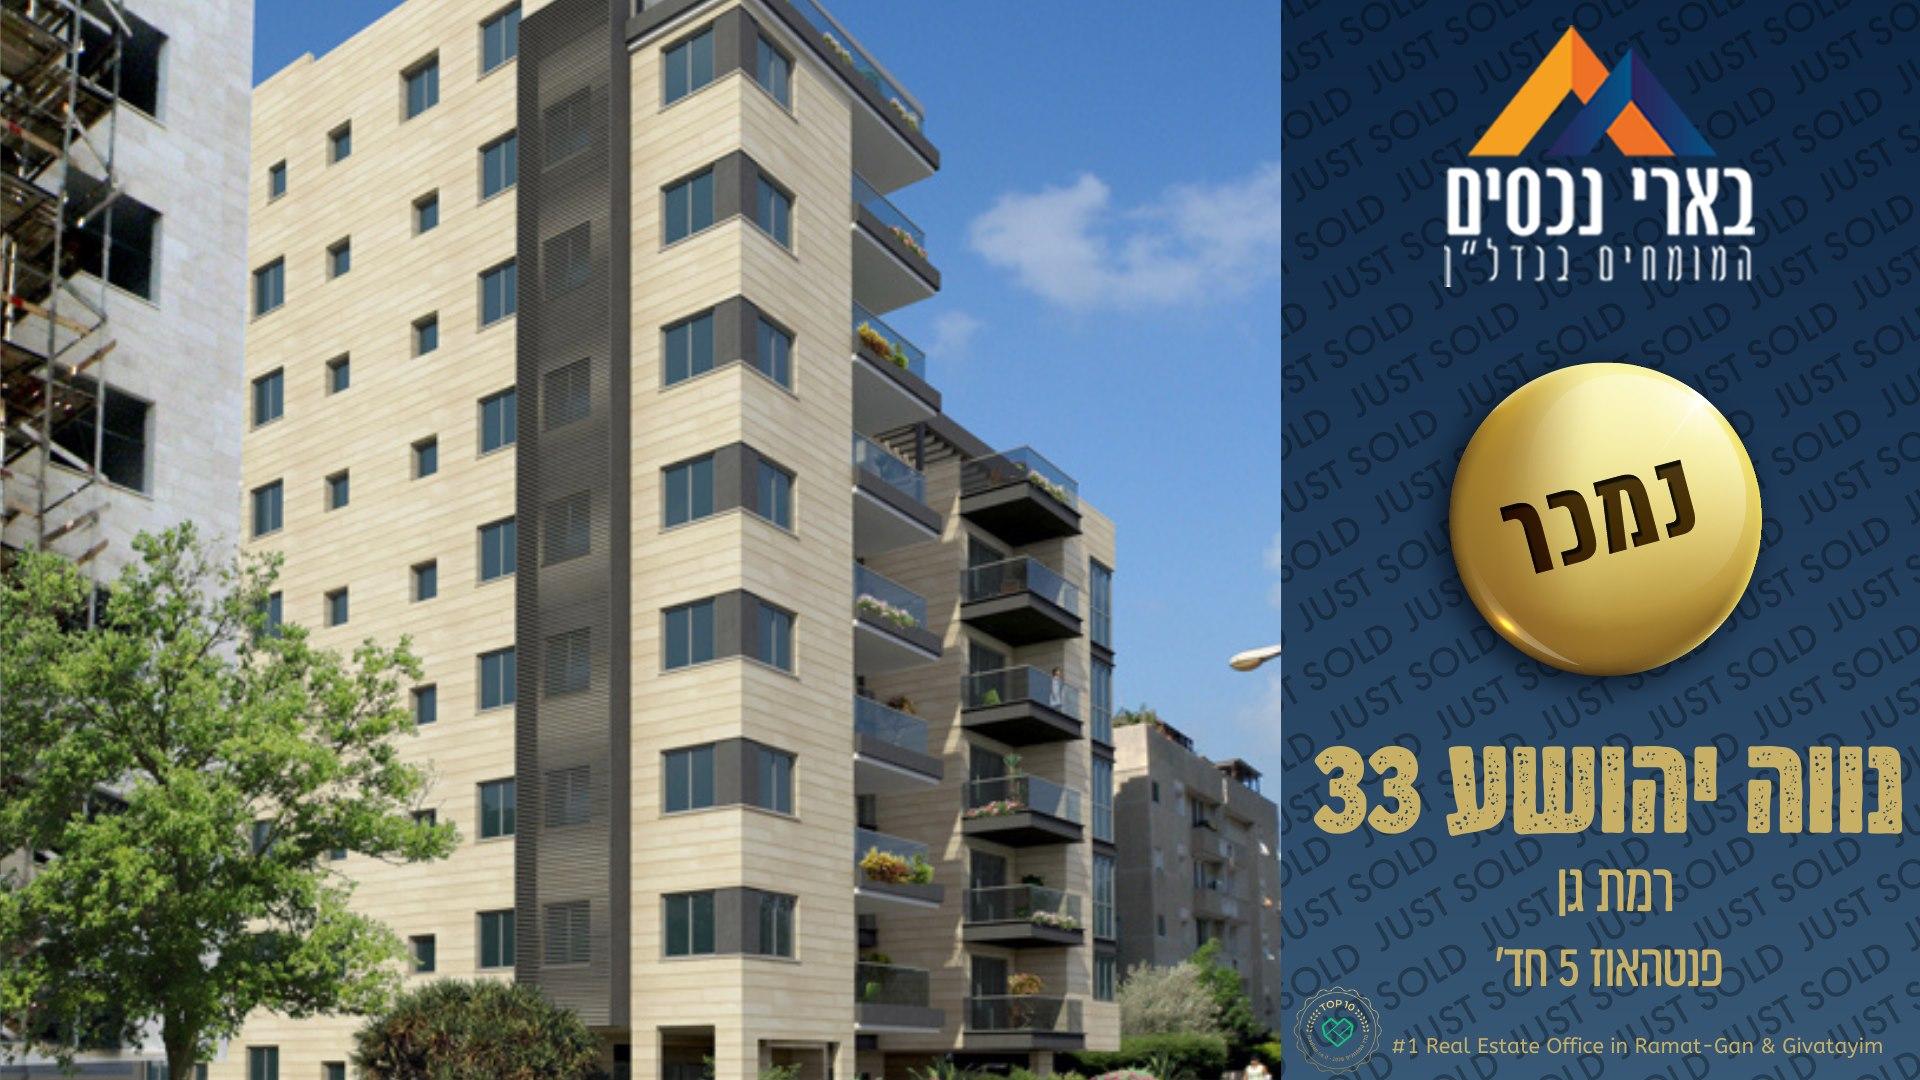 פרוייקט ״נווה יהושע 33״ – פנטהאוז 5 חד׳